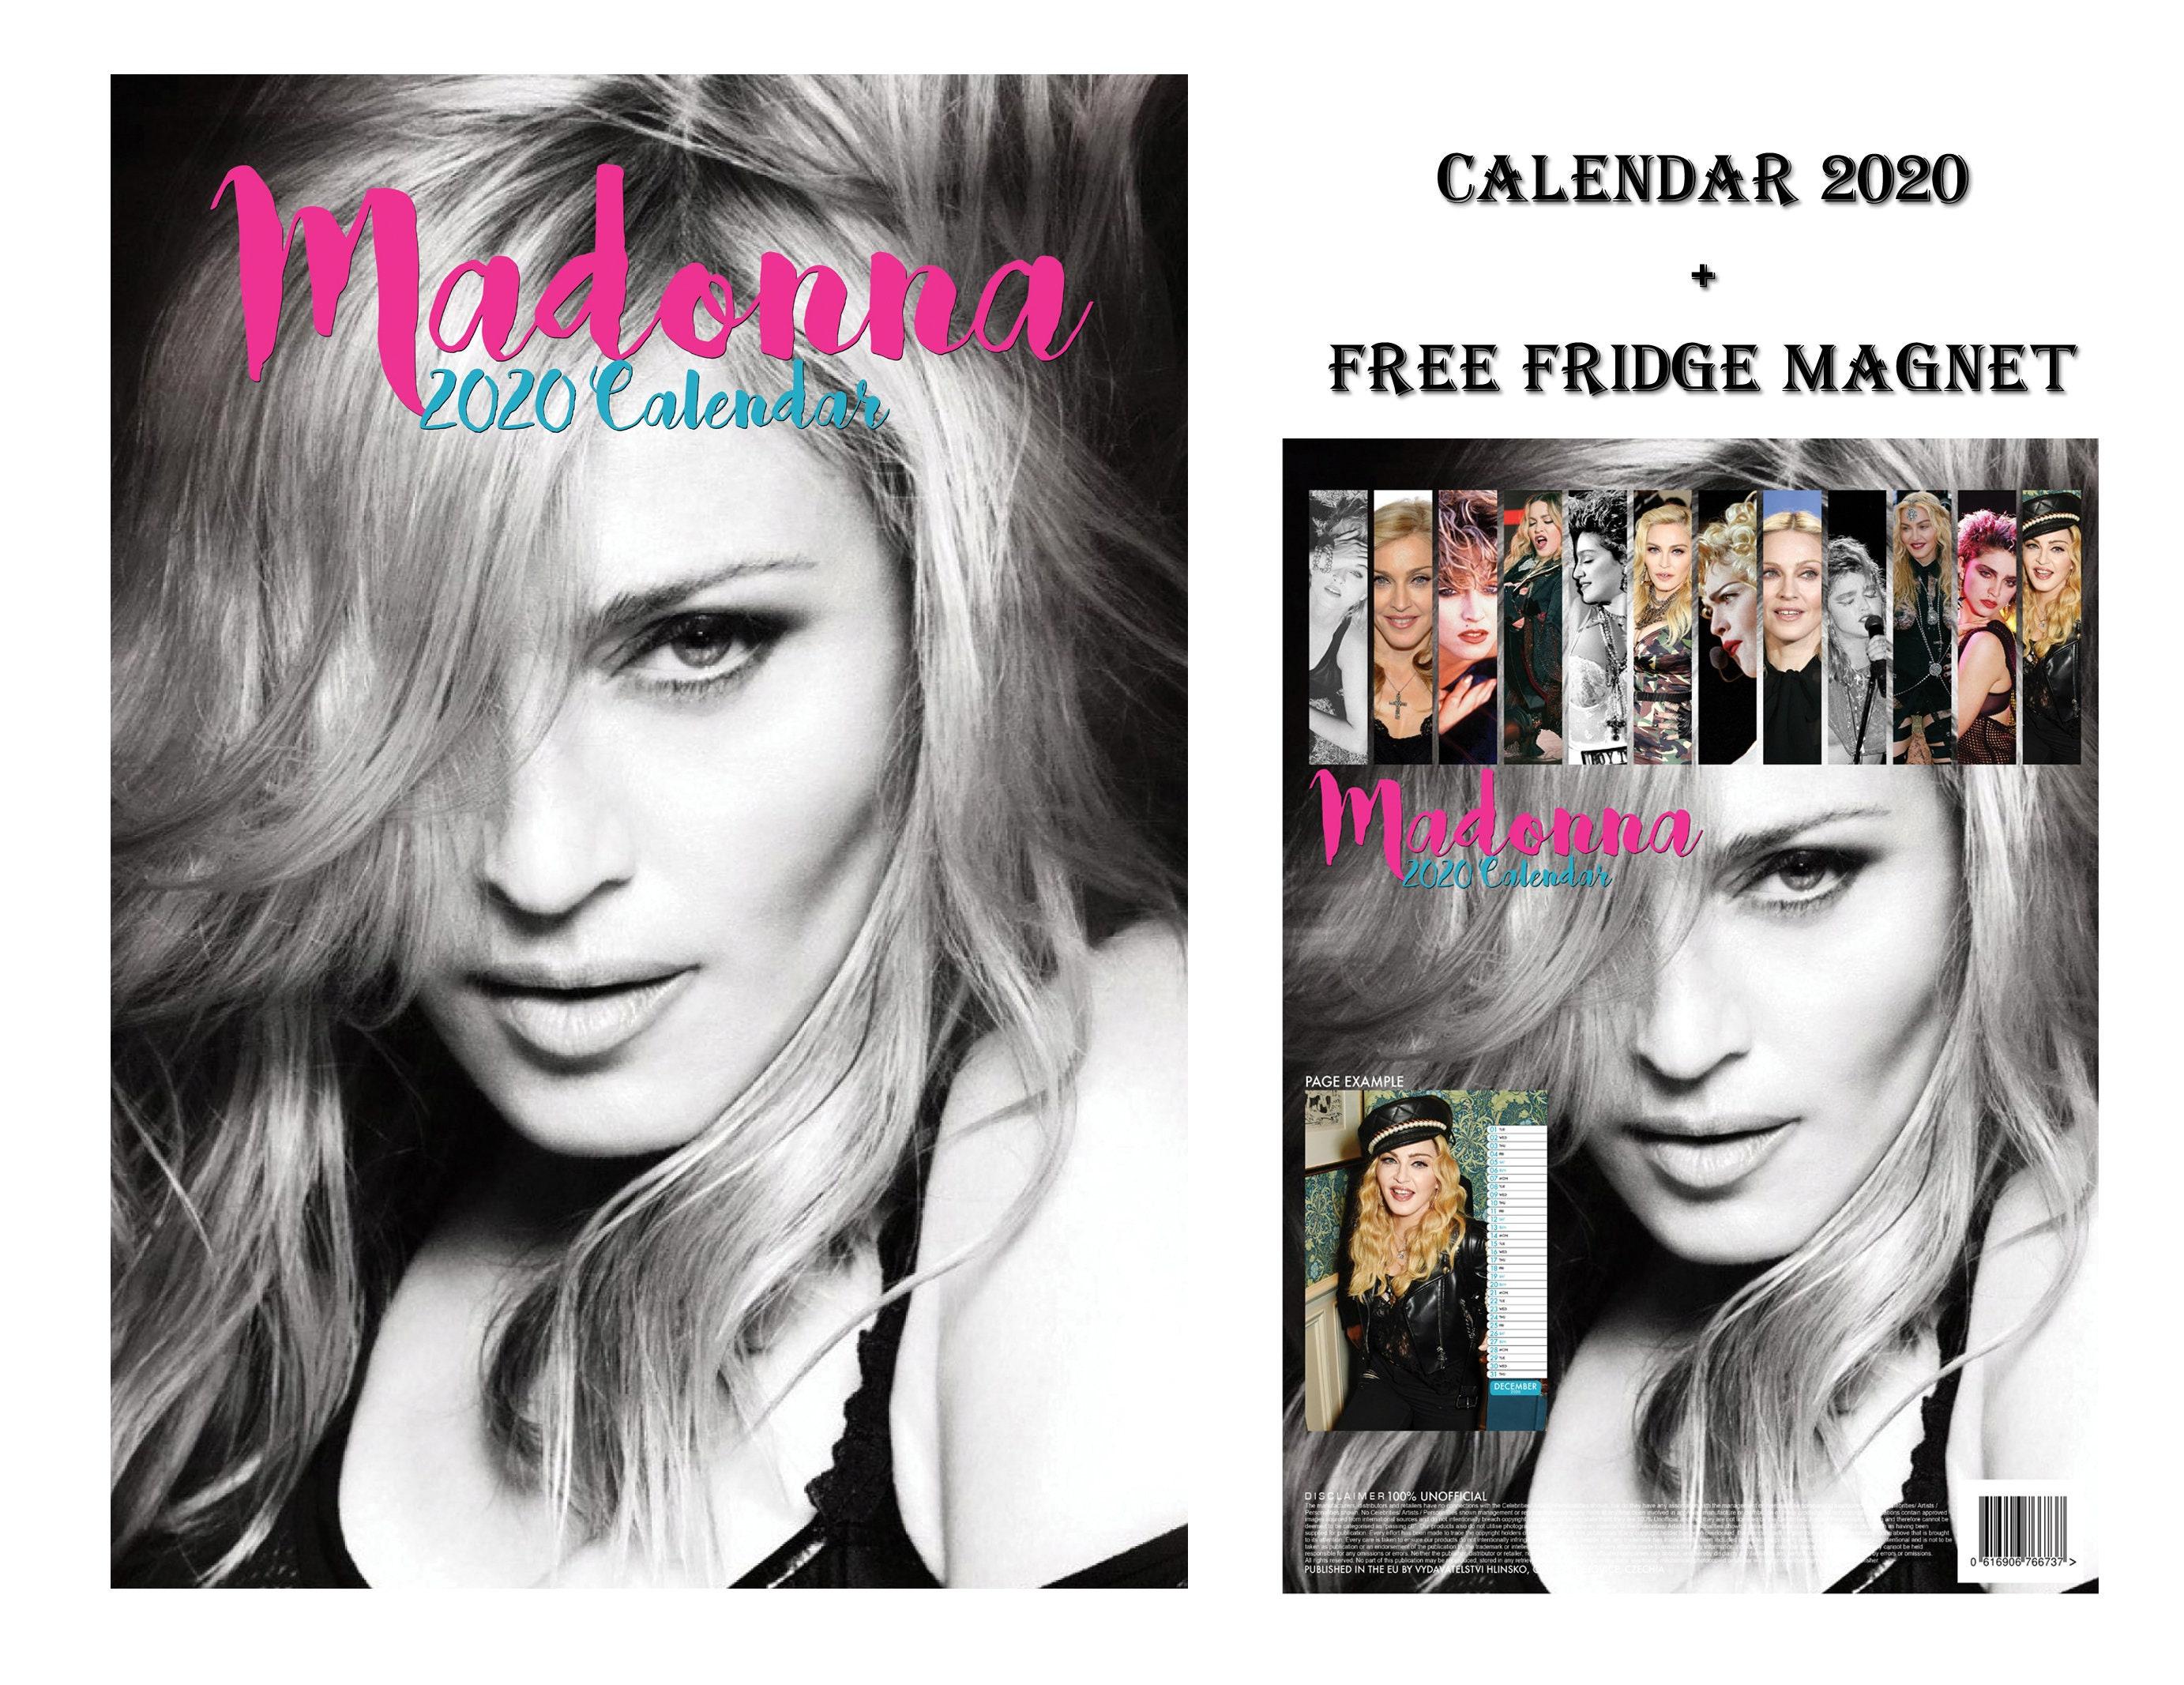 Calendario Madonna 2020.Madonna Calendar 2020 Madonna Fridge Magnet